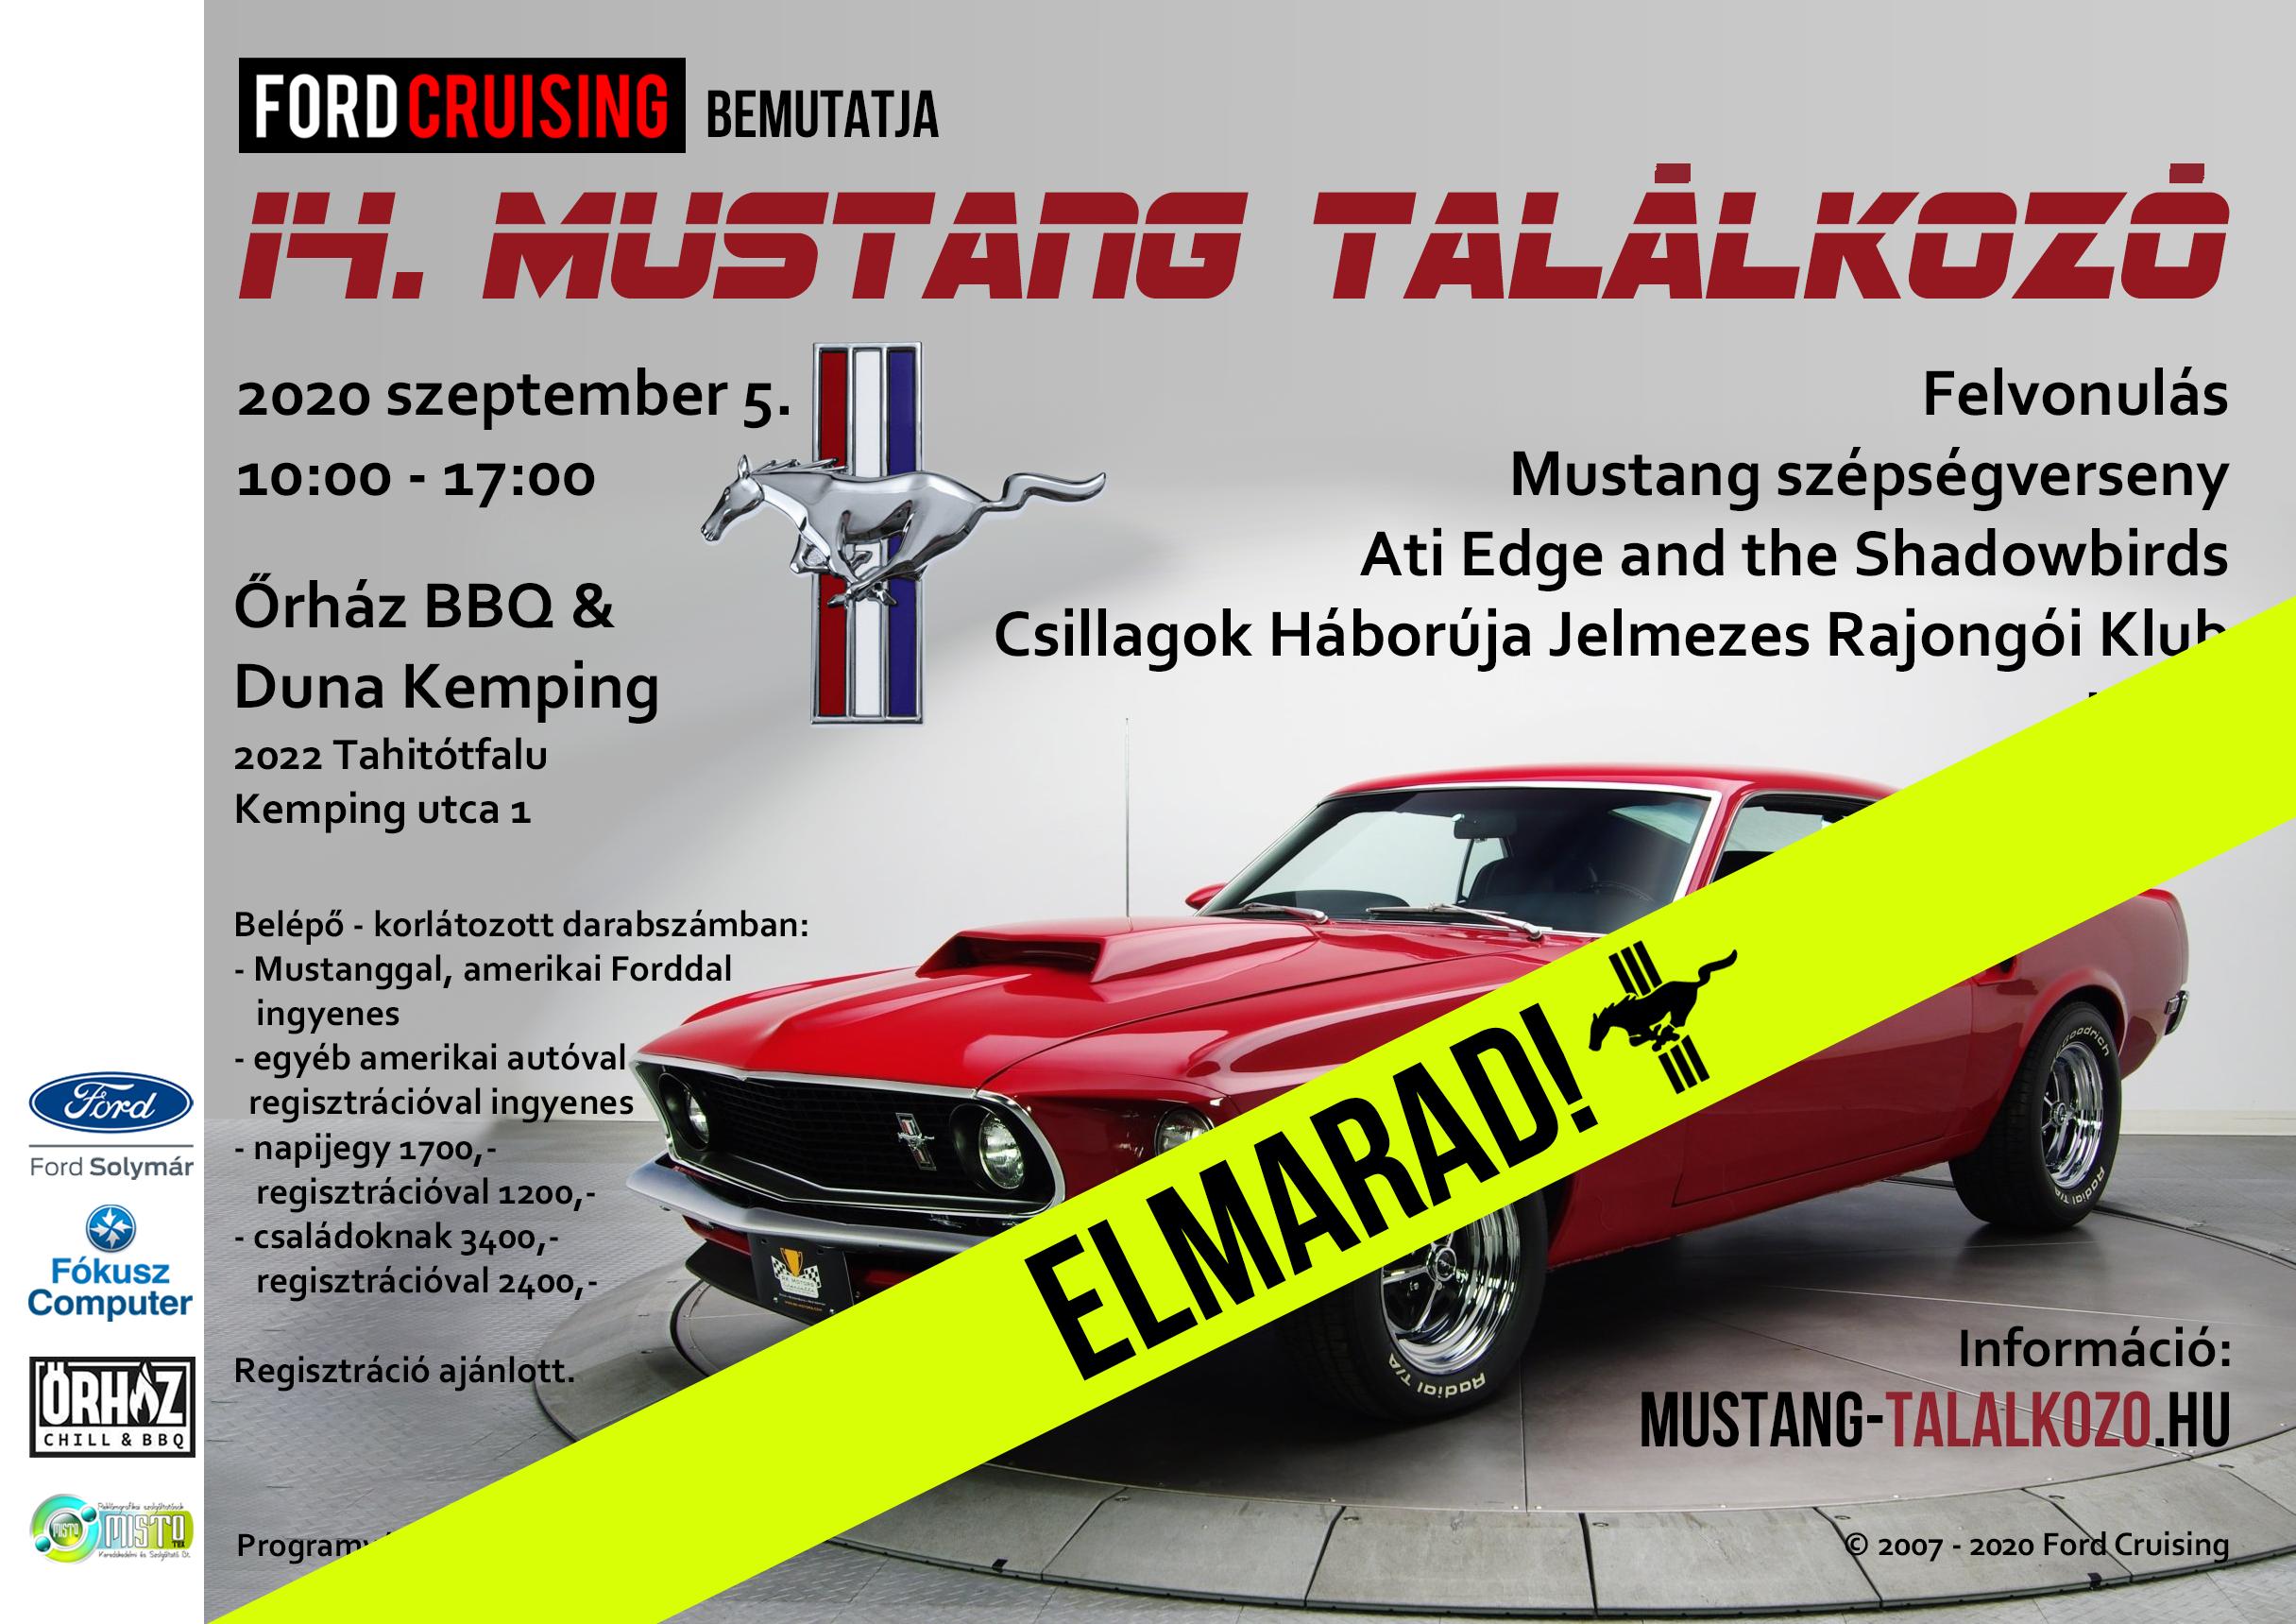 14. Mustang találkozó